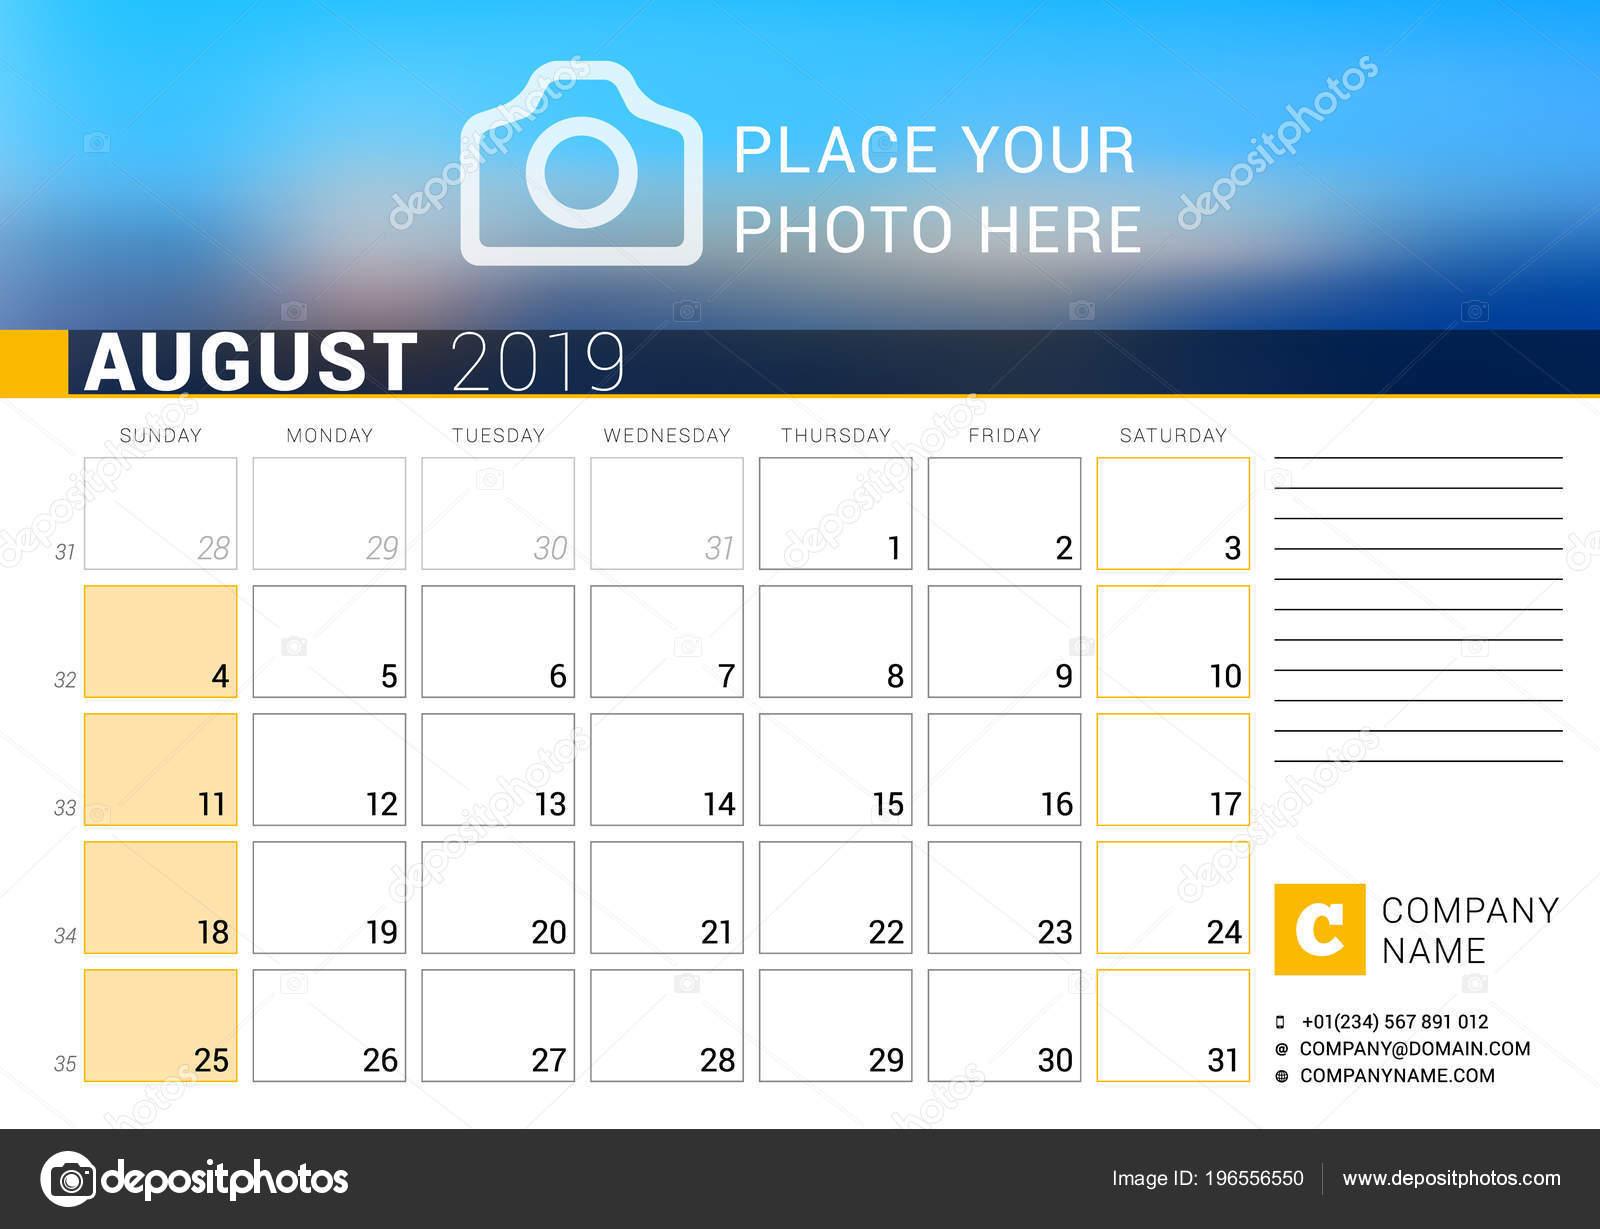 Settimane Calendario.Calendario Agosto 2019 Modello Stampa Disegno Vettoriale Con